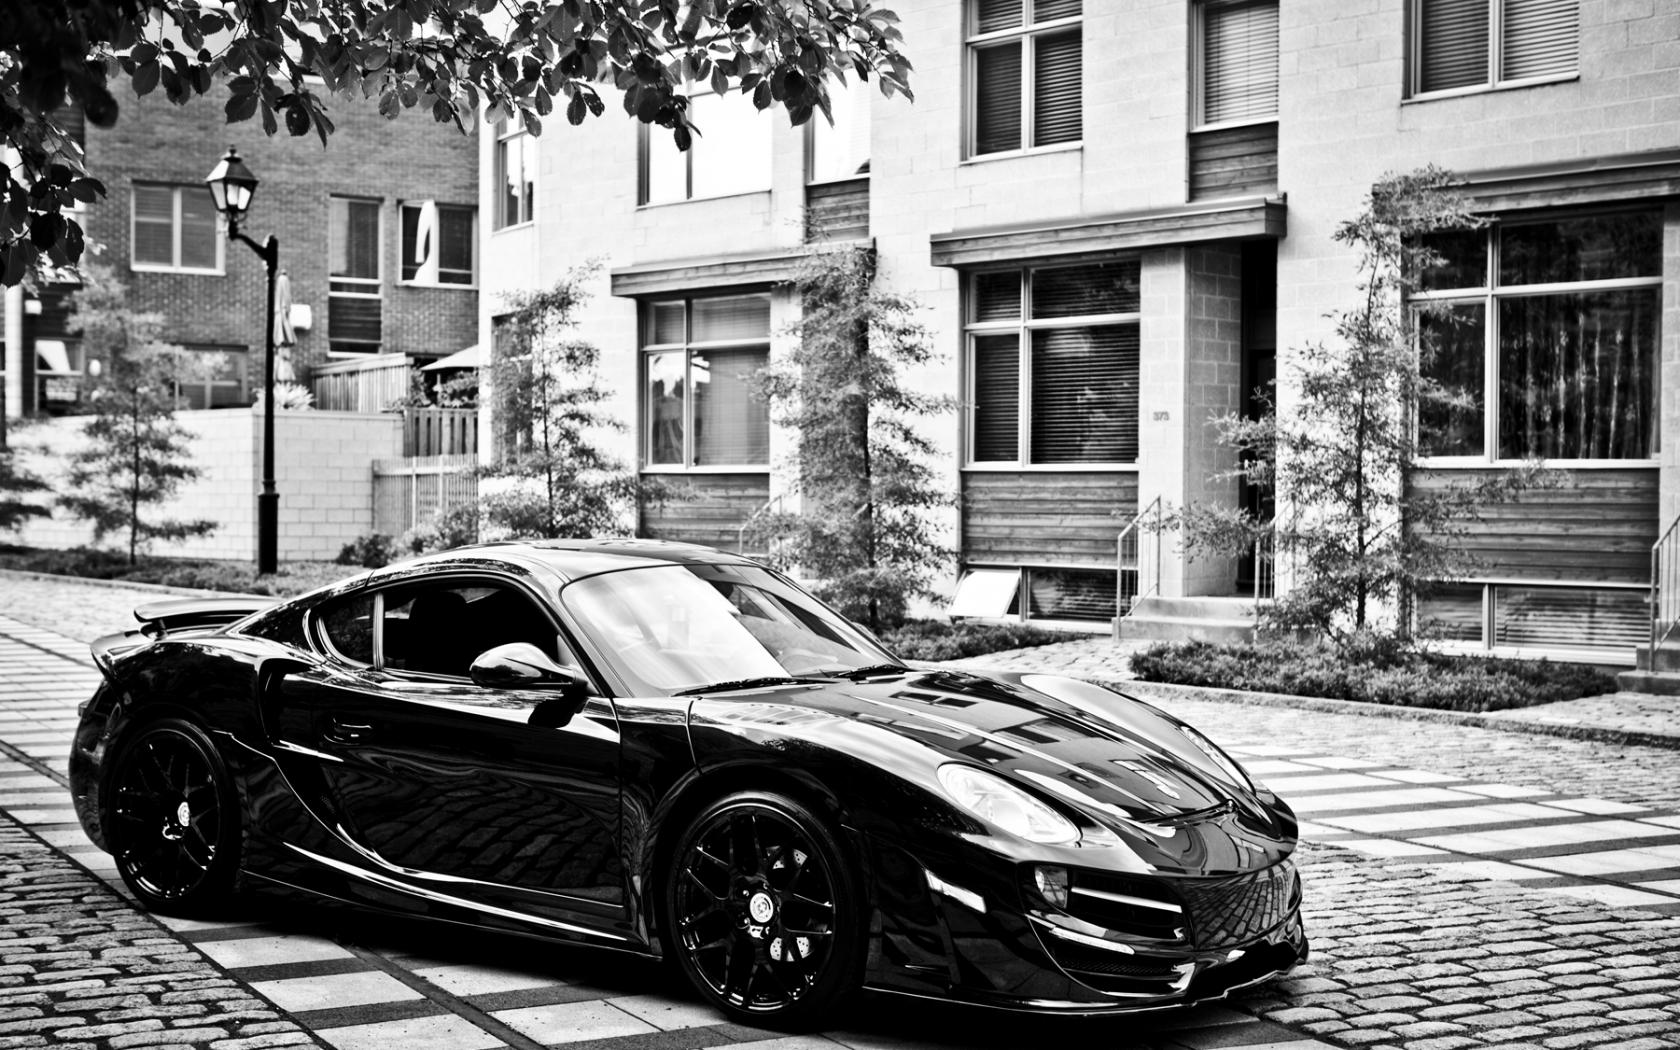 46826 скачать обои Транспорт, Машины, Порш (Porsche) - заставки и картинки бесплатно